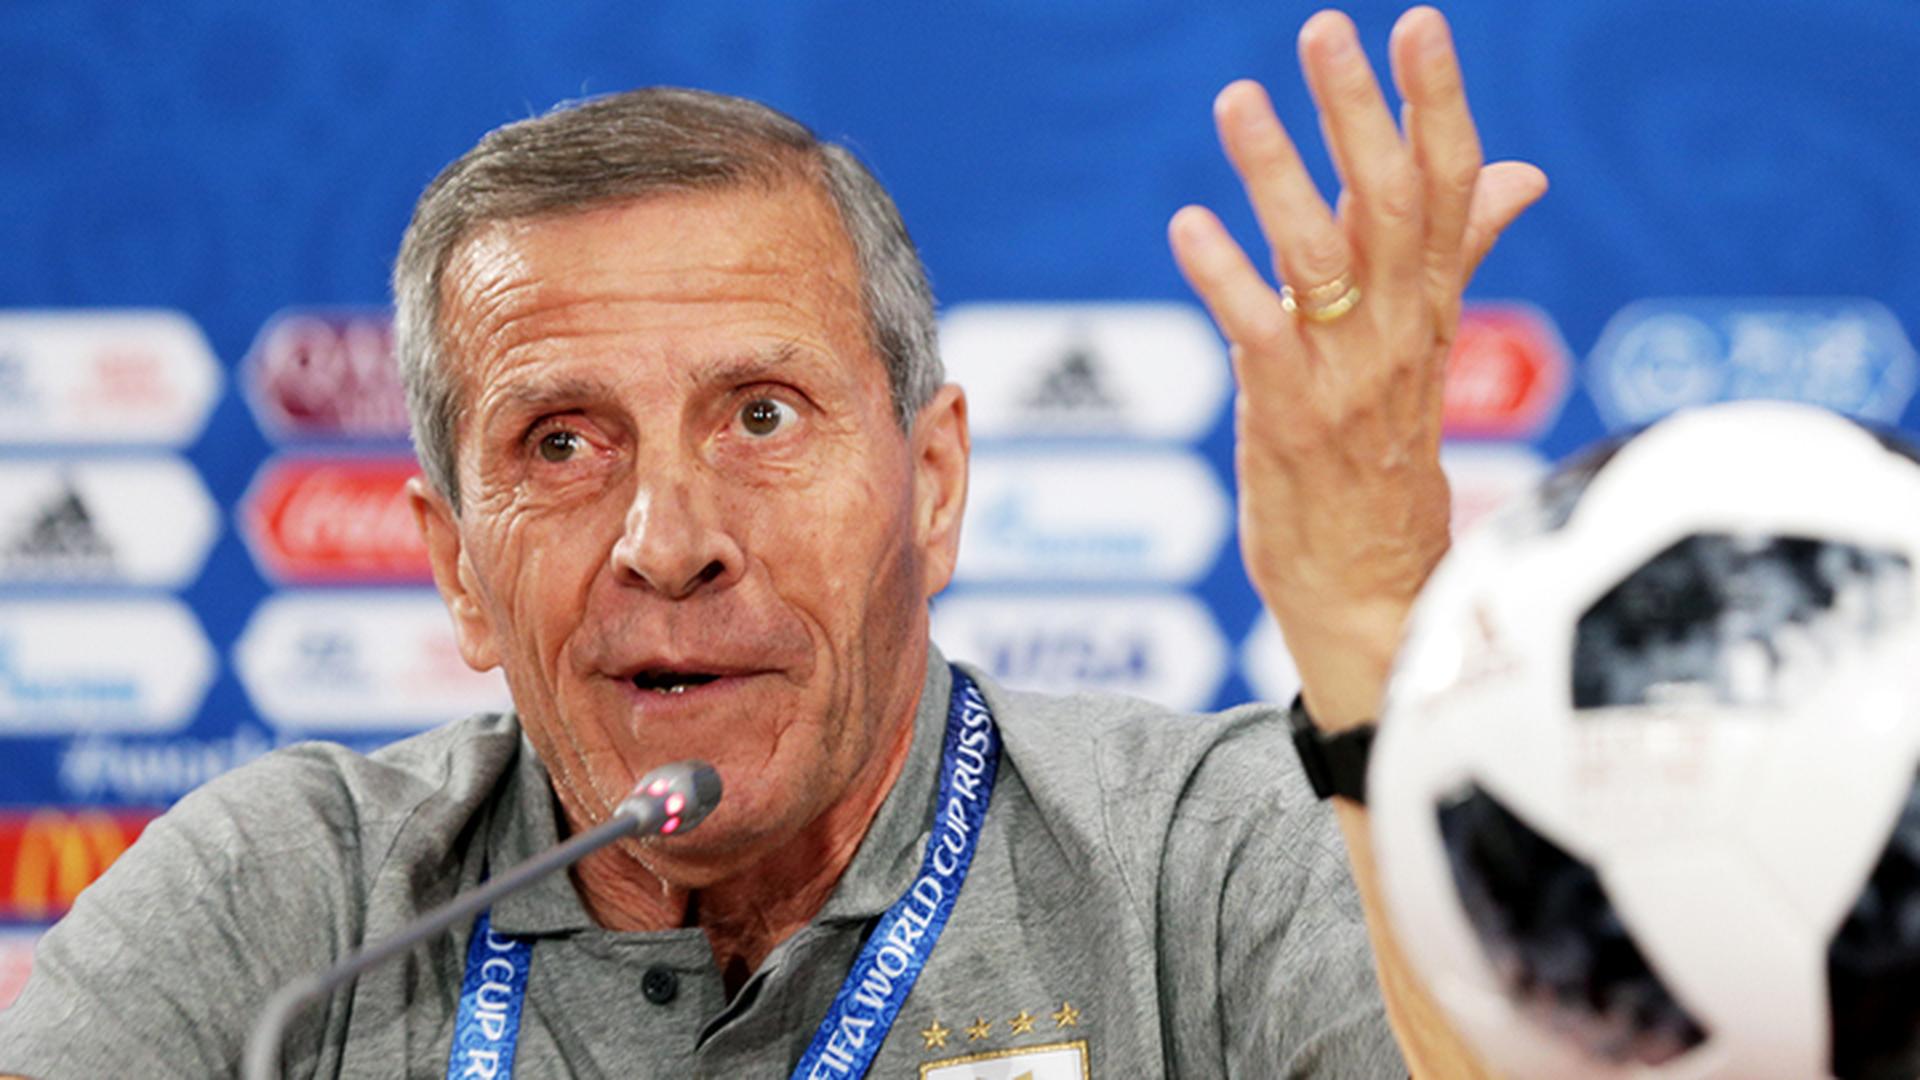 Тренер Уругвая Табарес: мы должны выиграть у России или умереть